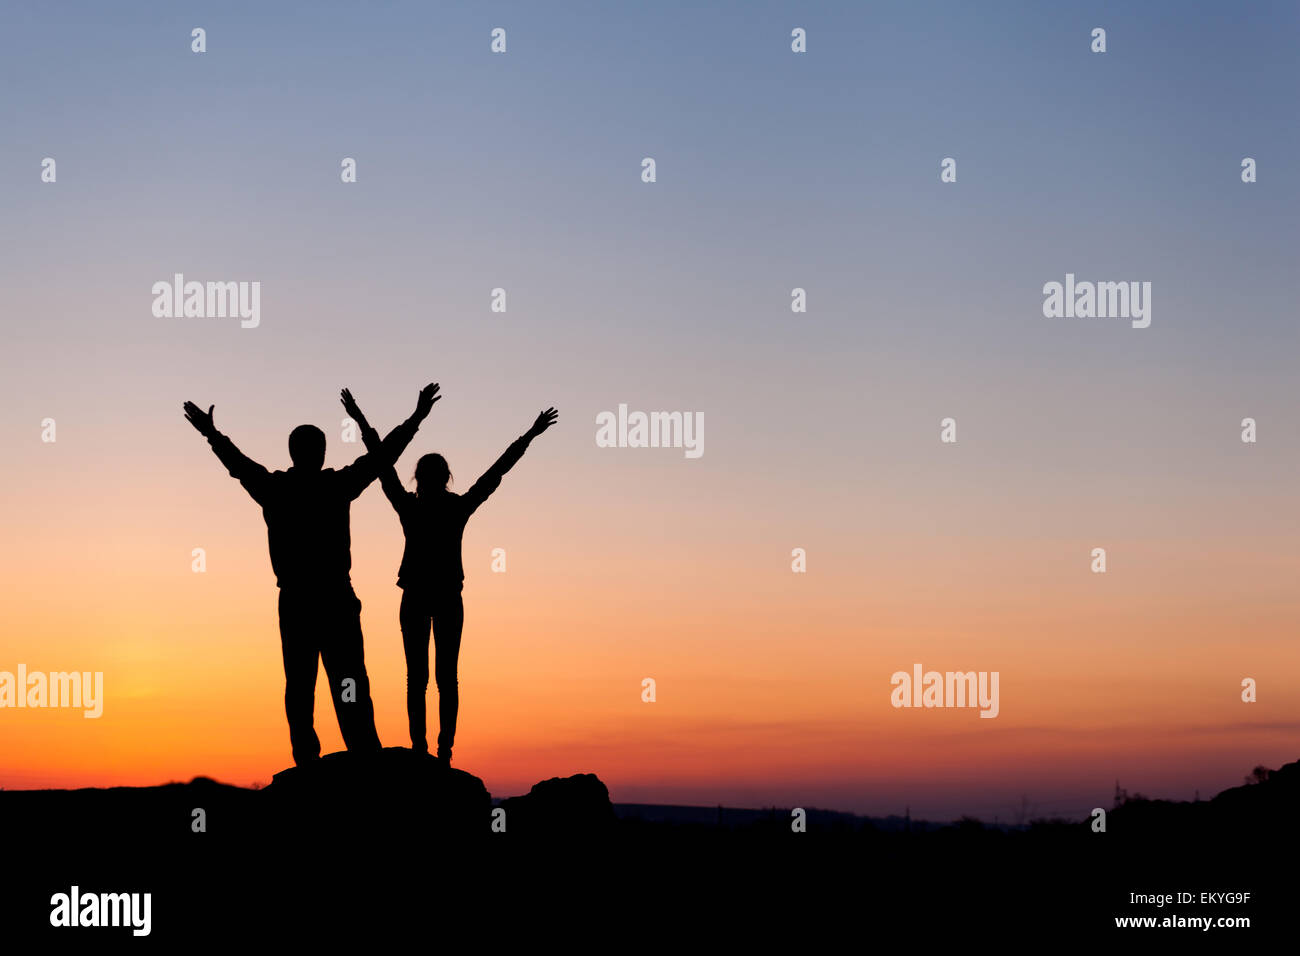 Silhouette de bonheur famille avec bras levés contre beau ciel coloré. Coucher du soleil d'été. Photo Stock